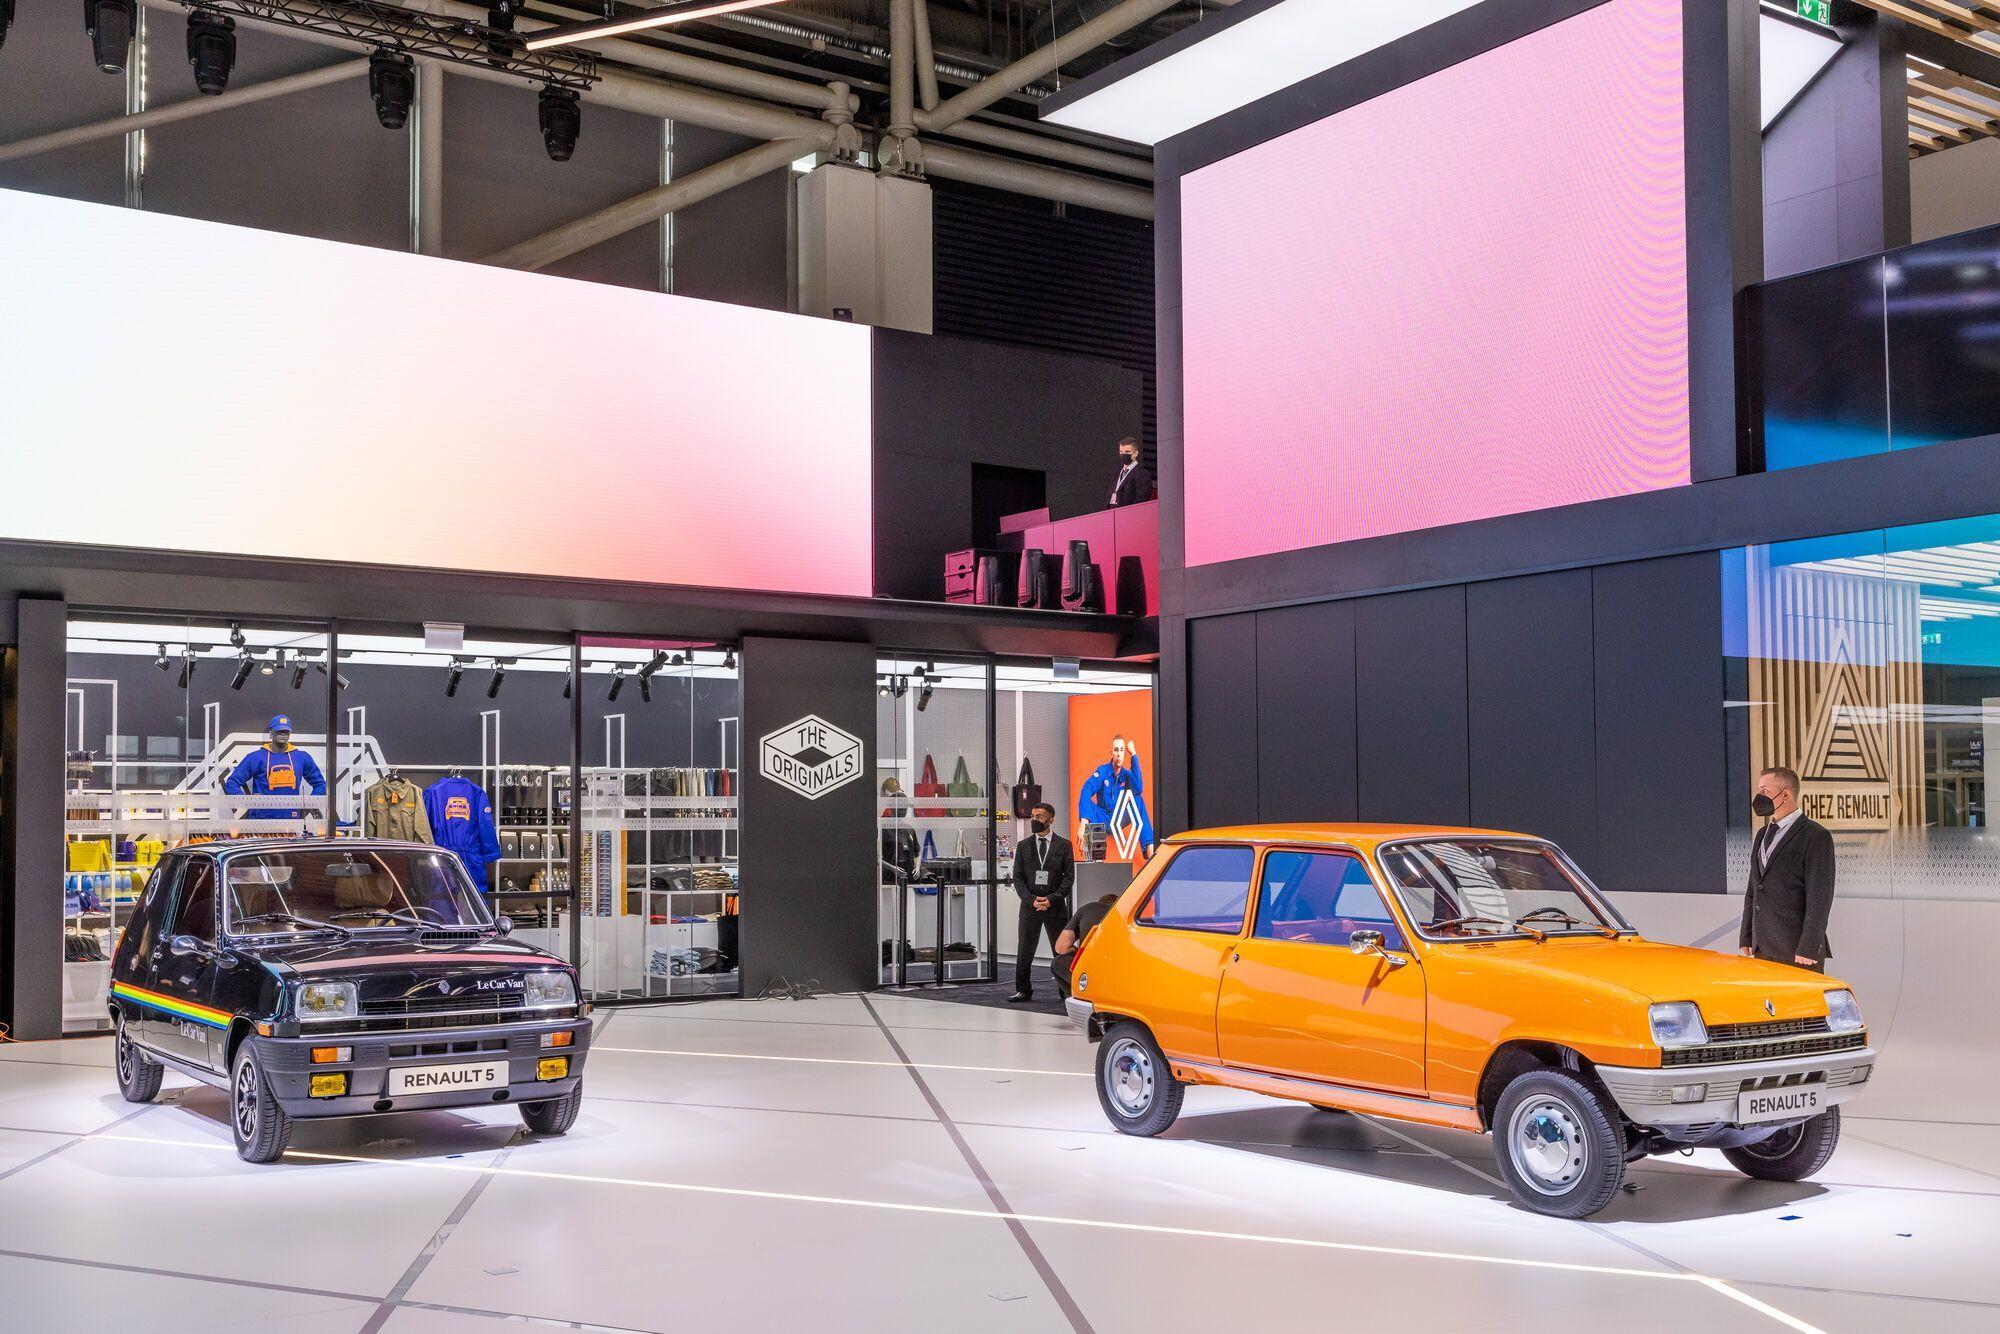 Источником вдохновения для прототипа послужила легендарная модель Renault 5